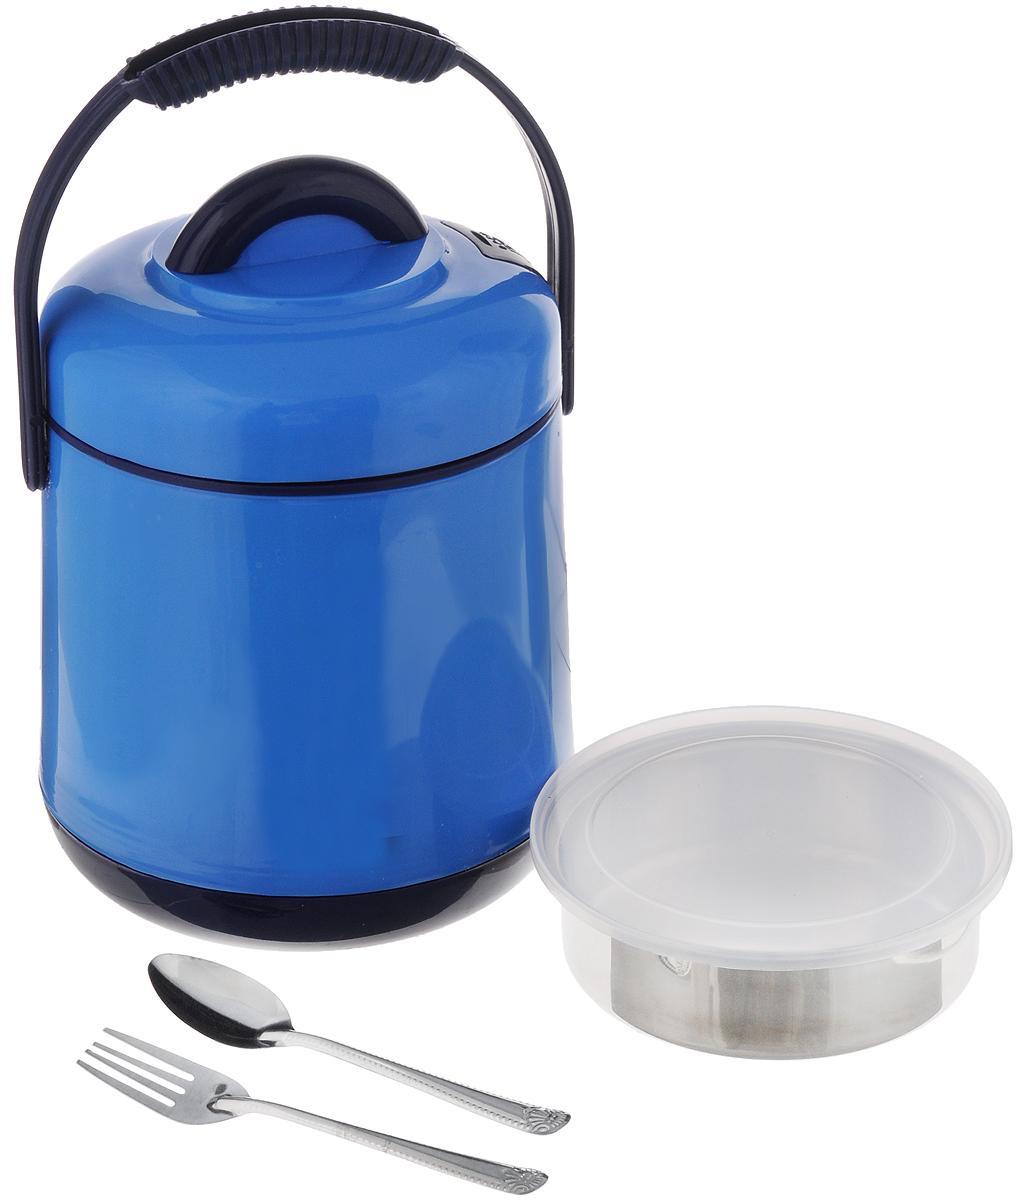 Термос пищевой Mayer & Boch, цвет: голубой, синий , 1,9 л905_голубой, синийПищевой термос Mayer & Boch предназначен для хранения и переноски горячих и холодныхпищевых продуктов. Корпус выполнен из высококачественного пластика. Внутренняя колбаизготовлена из нержавеющей стали. Наполнение из жесткого пенопласта сохраняет температуруи свежесть пищи на протяжении 4-5 часов. Пища сохраняет аромат, вкус и питательные вещества.Внутрь вставляется специальная металлическая чаша спрозрачной пластиковой крышкой. В комплекте также предусмотрены ложка и вилка, выполненные из нержавеющей стали, которыехранятся в крышке. Для удобства переноски на изделии предусмотрена ручка. Такой термос - идеальный вариант для домашнего использования, для отдыха на природе илипоездки. Элегантный и стильный дизайн подходит для любого случая. Диаметр термоса (по верхнему краю): 15 см. Высота термоса (без учета крышки): 17 см.Диаметр контейнера: 13,5 см. Высота контейнера: 4 см. Длина ложки/вилки: 14 см.